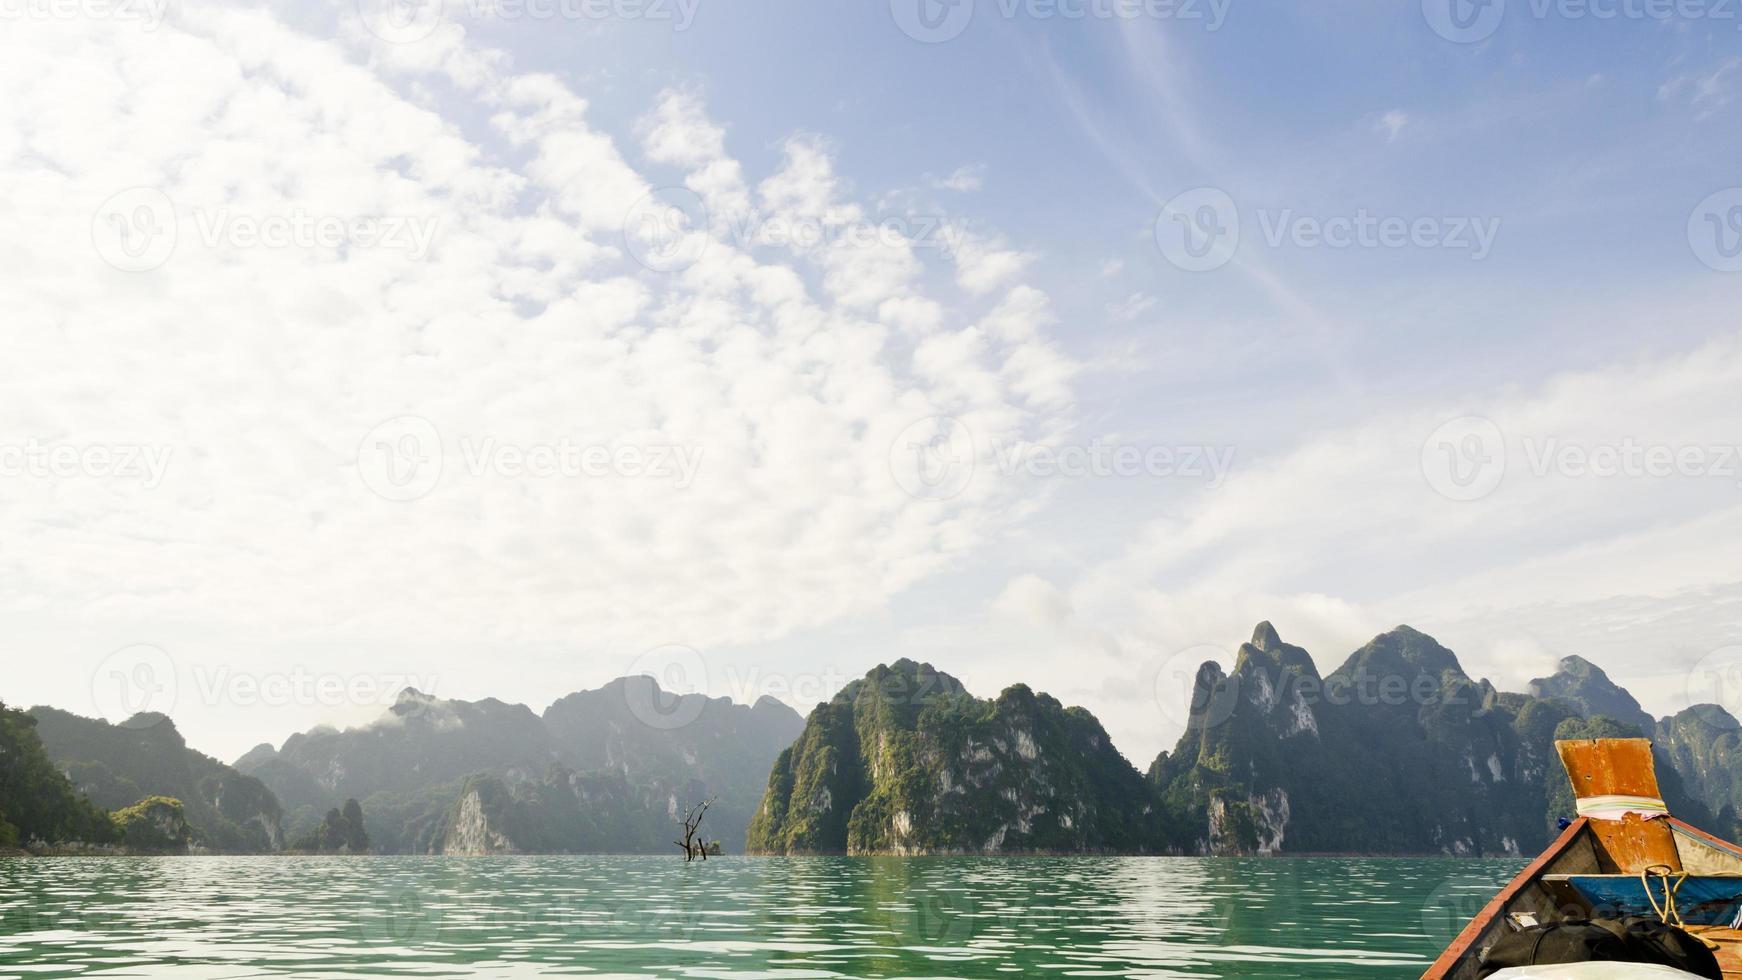 belle alte montagne e fiume verde (guilin della Tailandia). foto